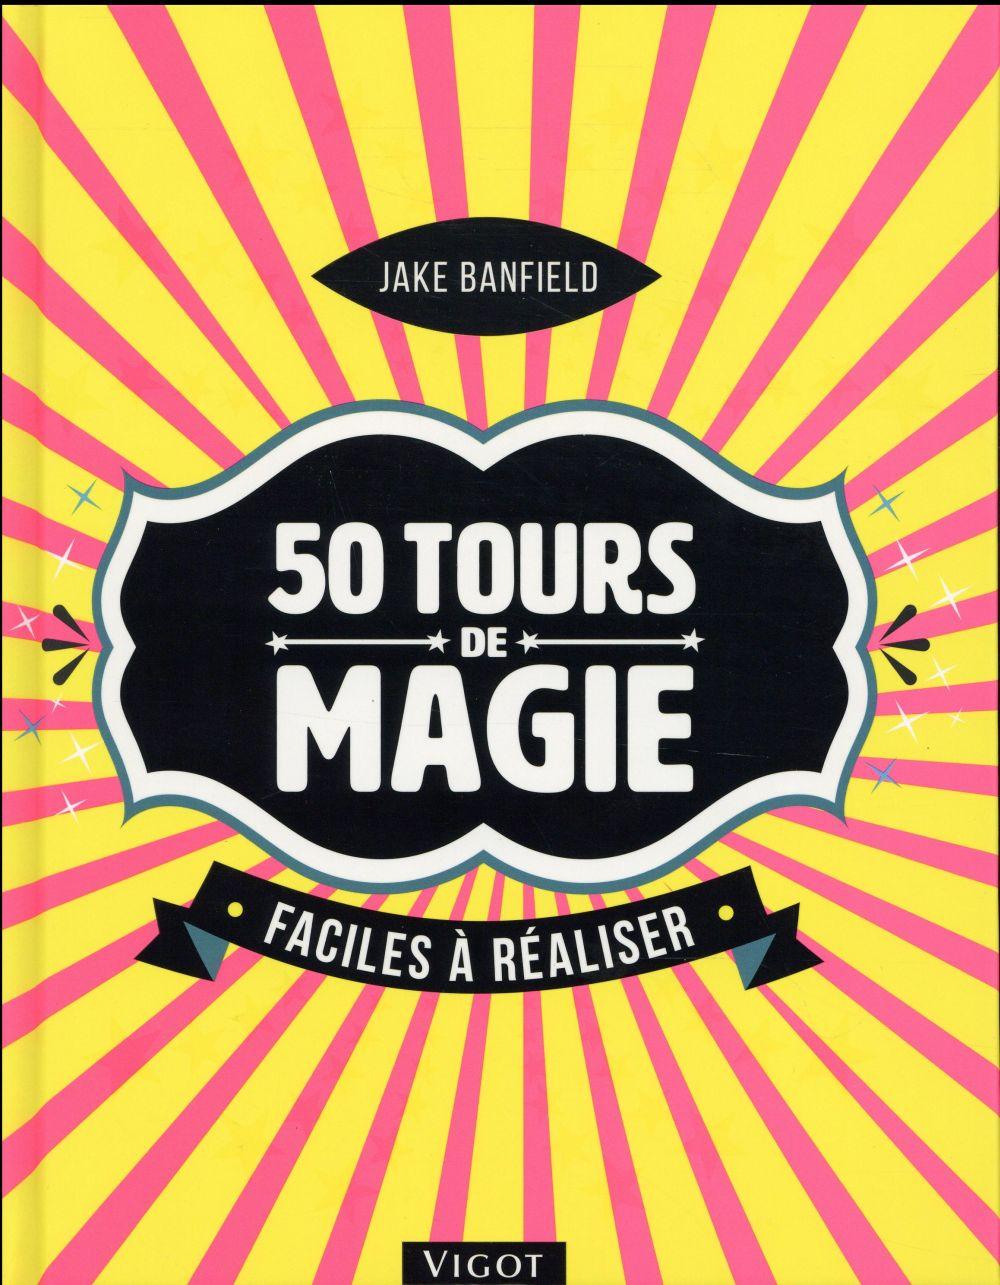 50 TOURS DE MAGIE FACILES A REALISER